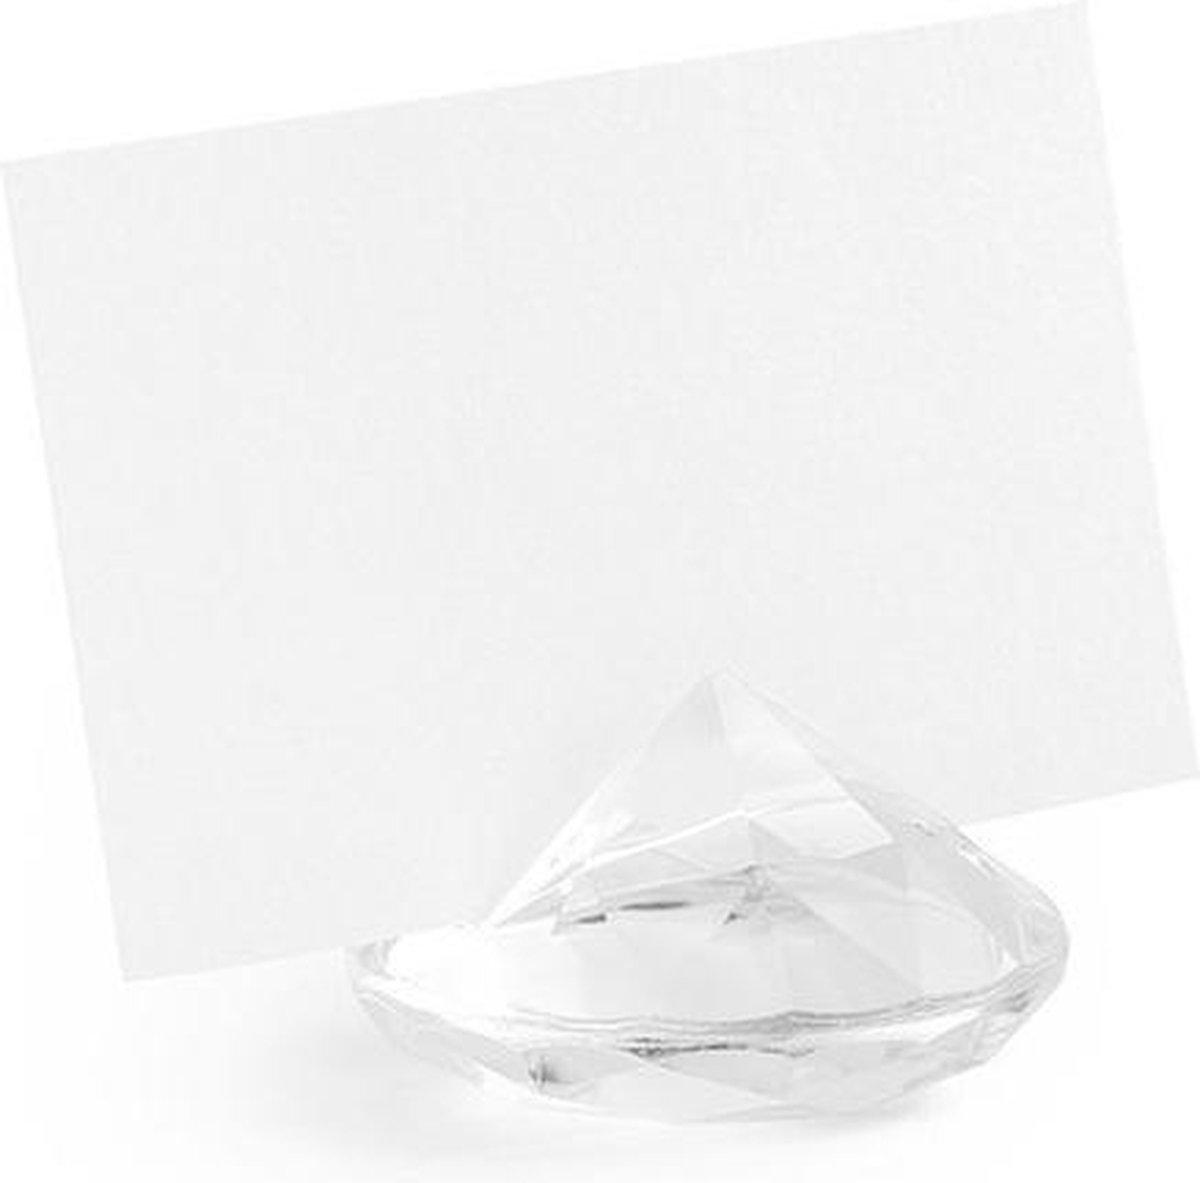 100x Kaarthouders standaards transparante diamanten 4 cm - Plaatsnaamhouders tafelschikking - Bruiloft/huwelijk versiering